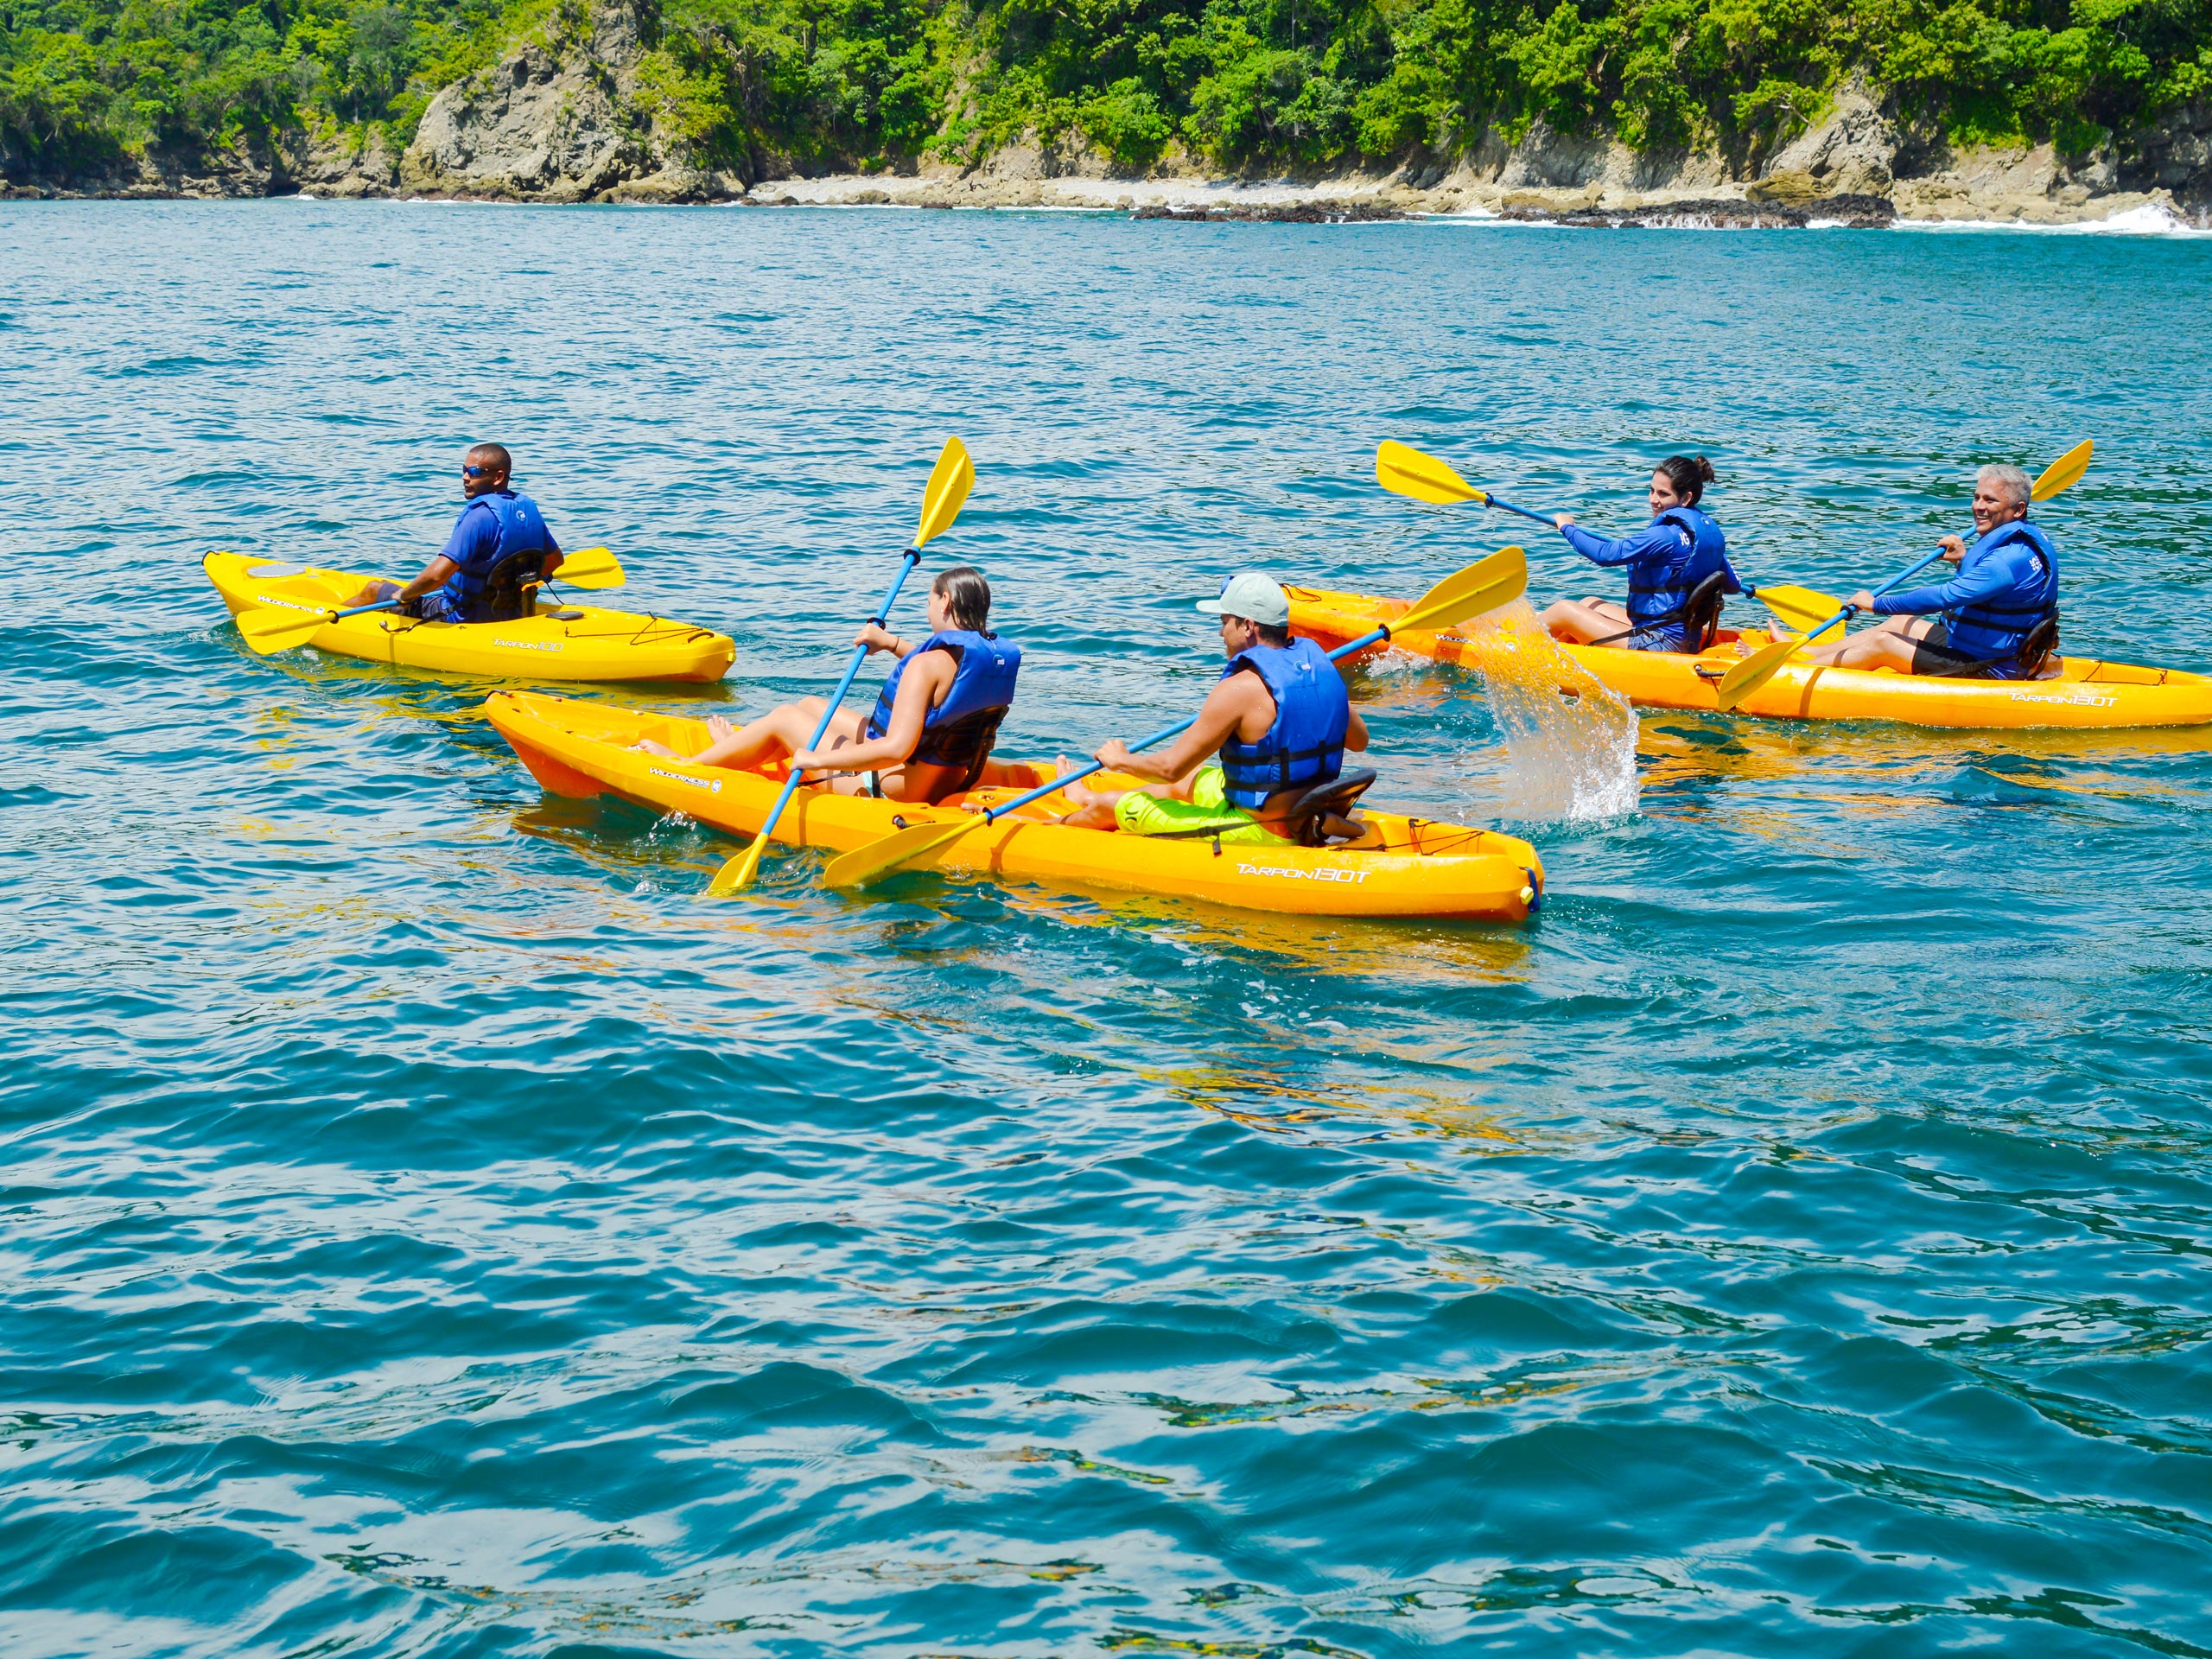 Ocean kayakind in Costa Rica